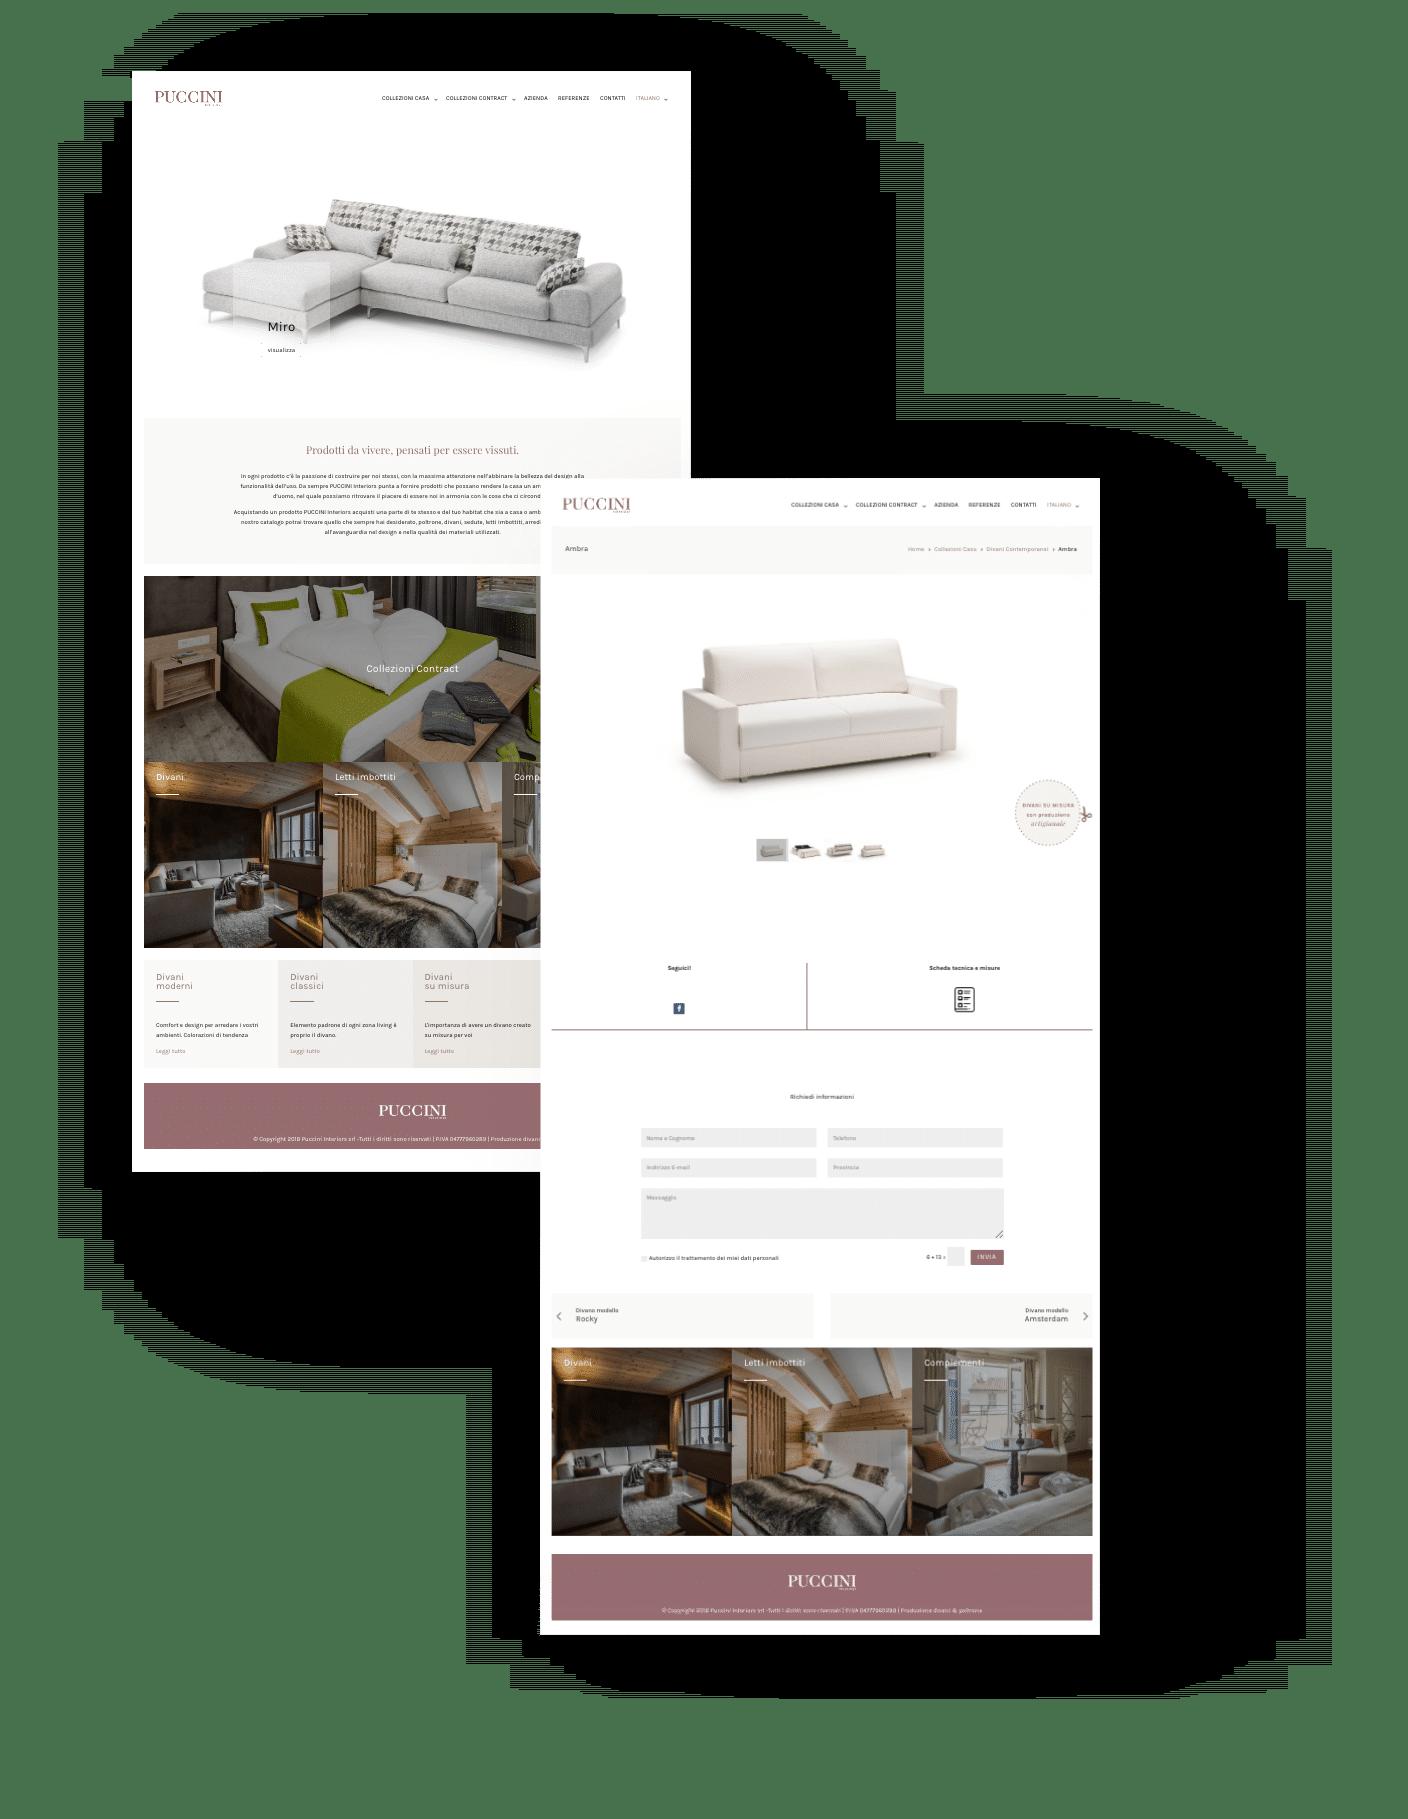 sito web puccini interiors